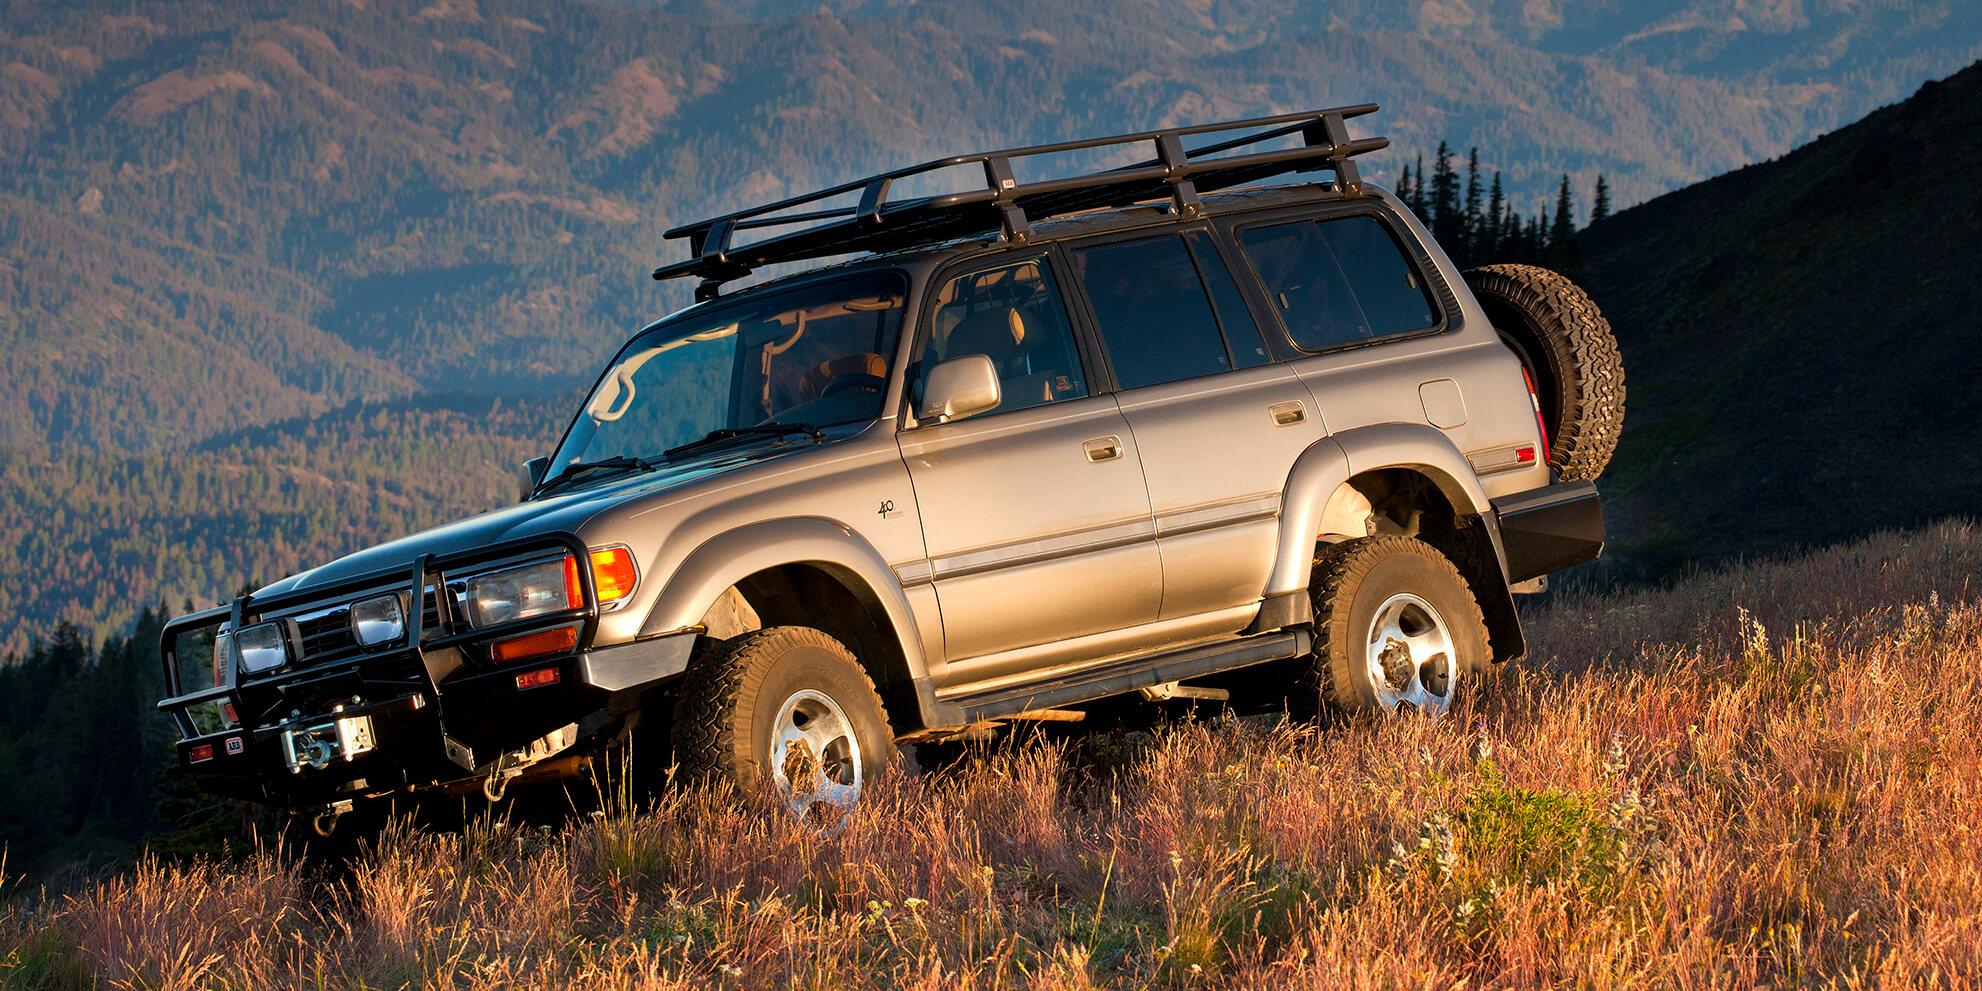 ARB USA | Lexus LX450 1995 - 1997